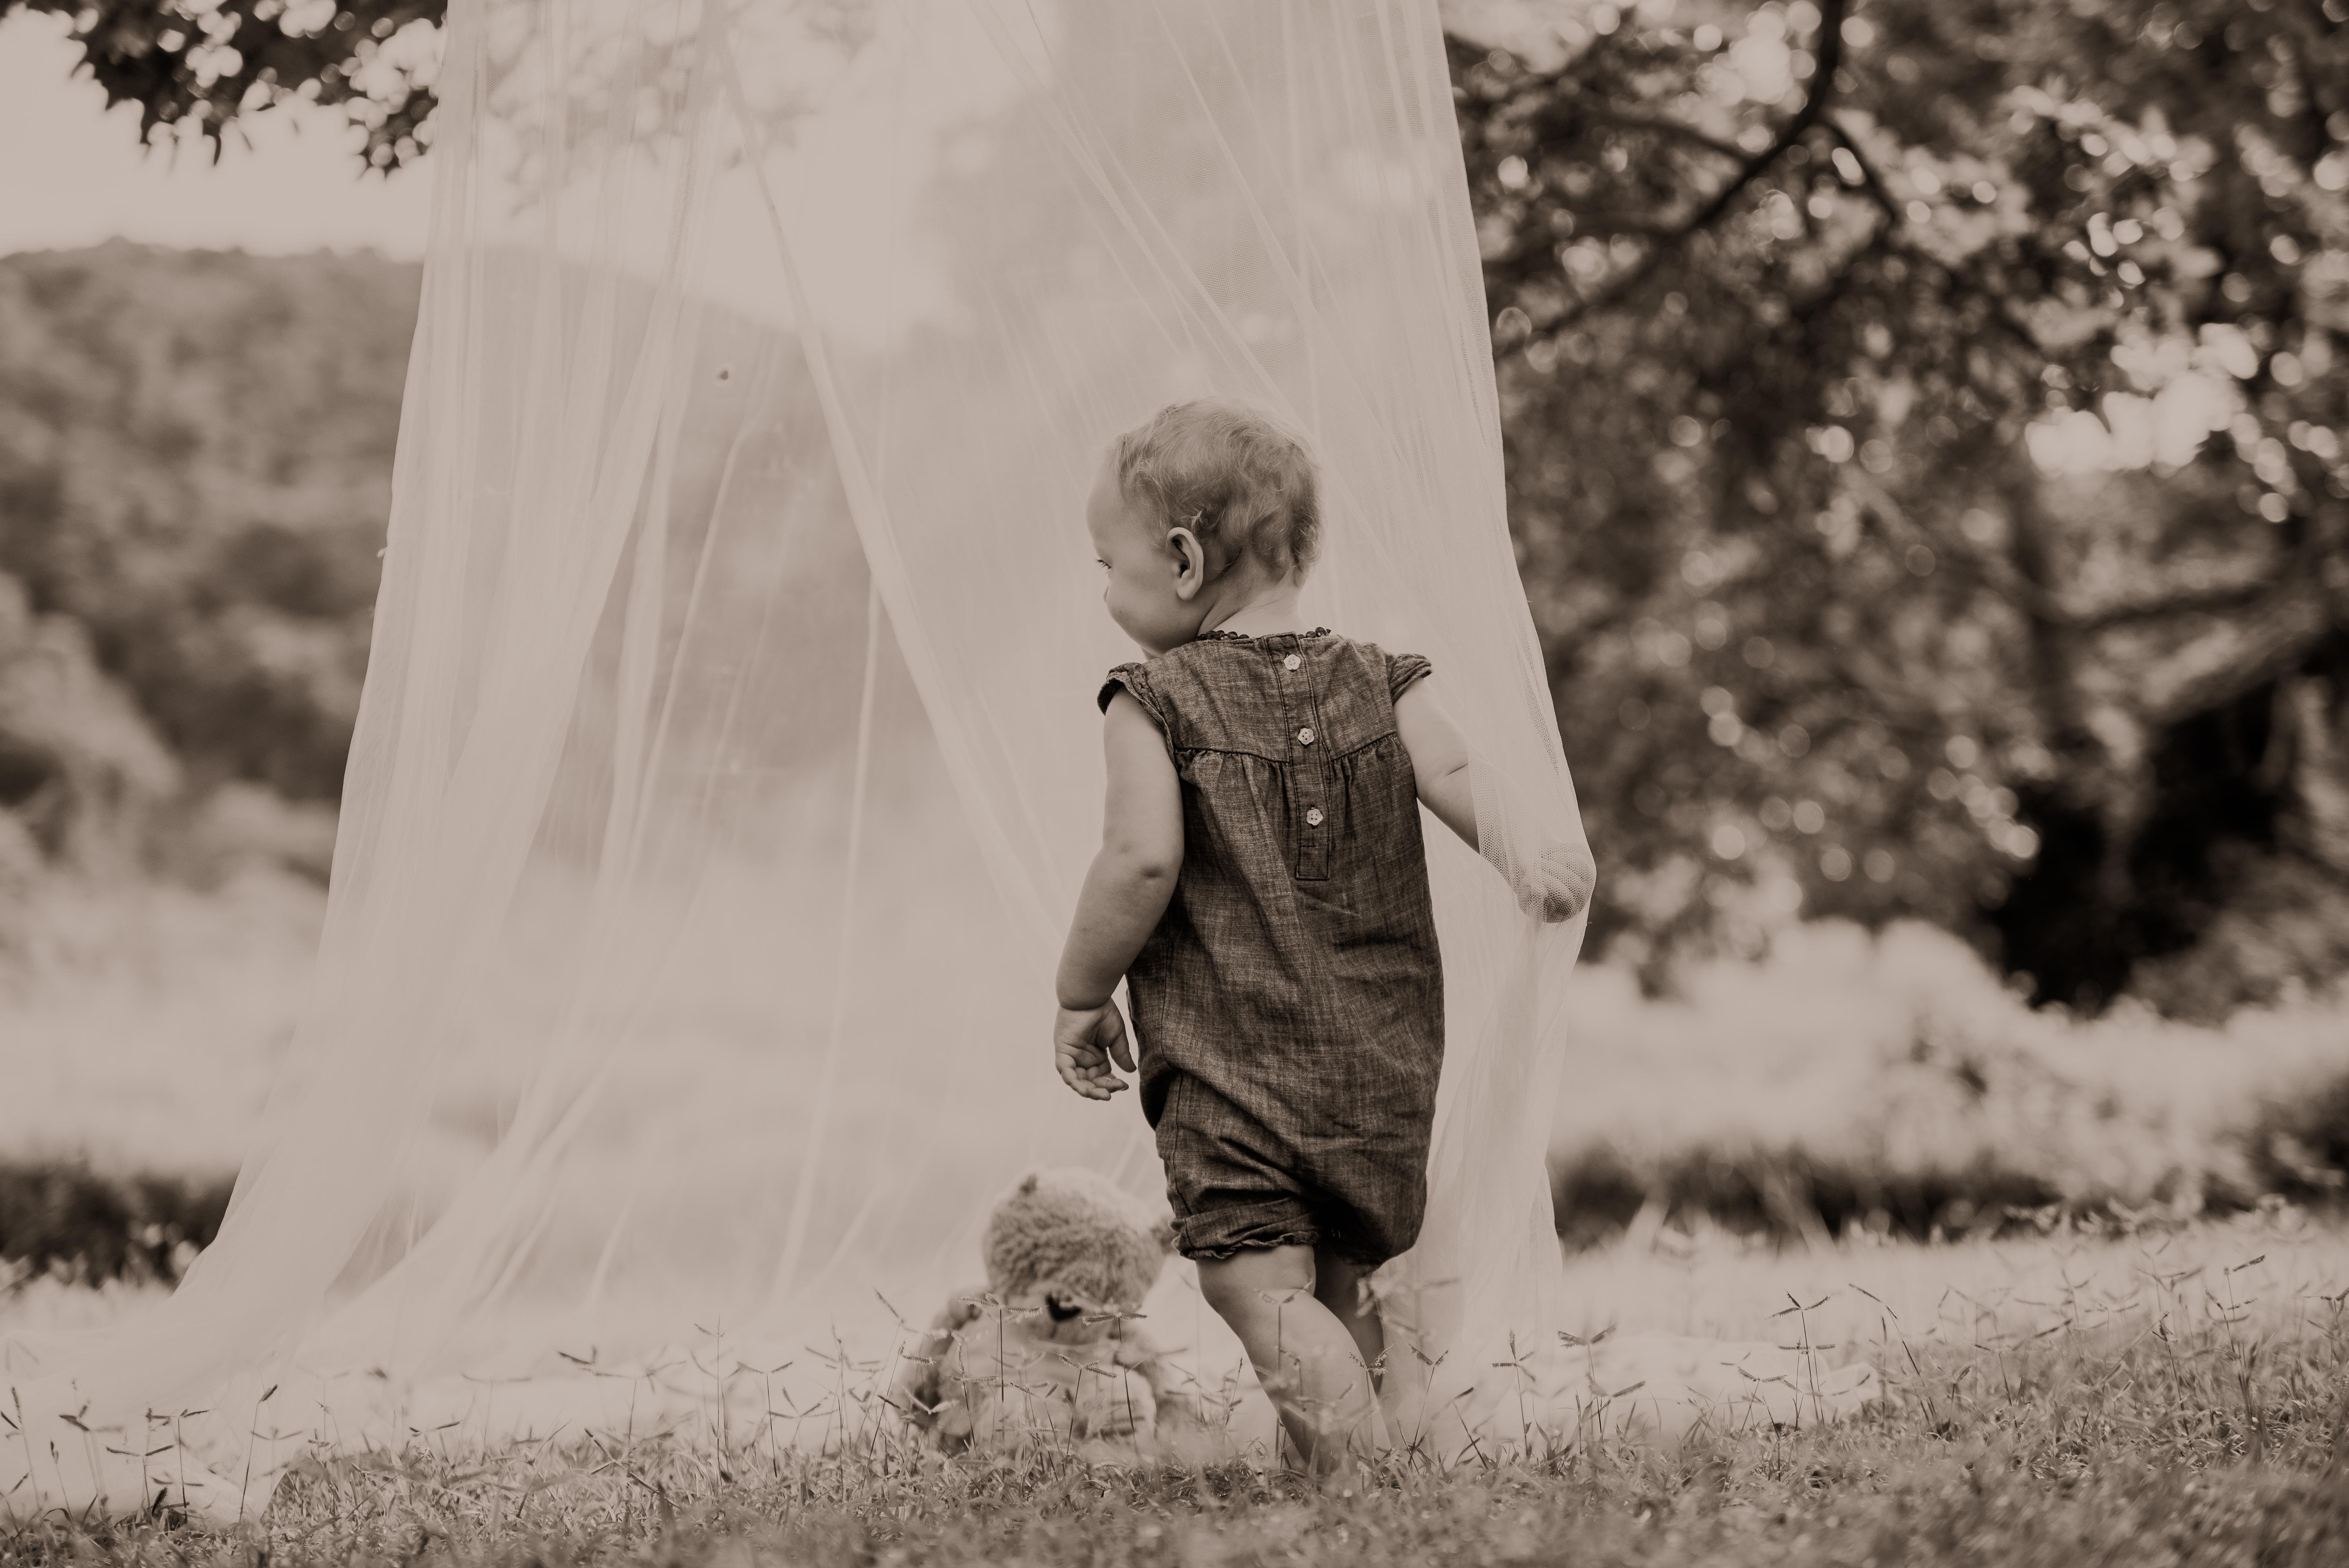 Children photographer port elizabeth